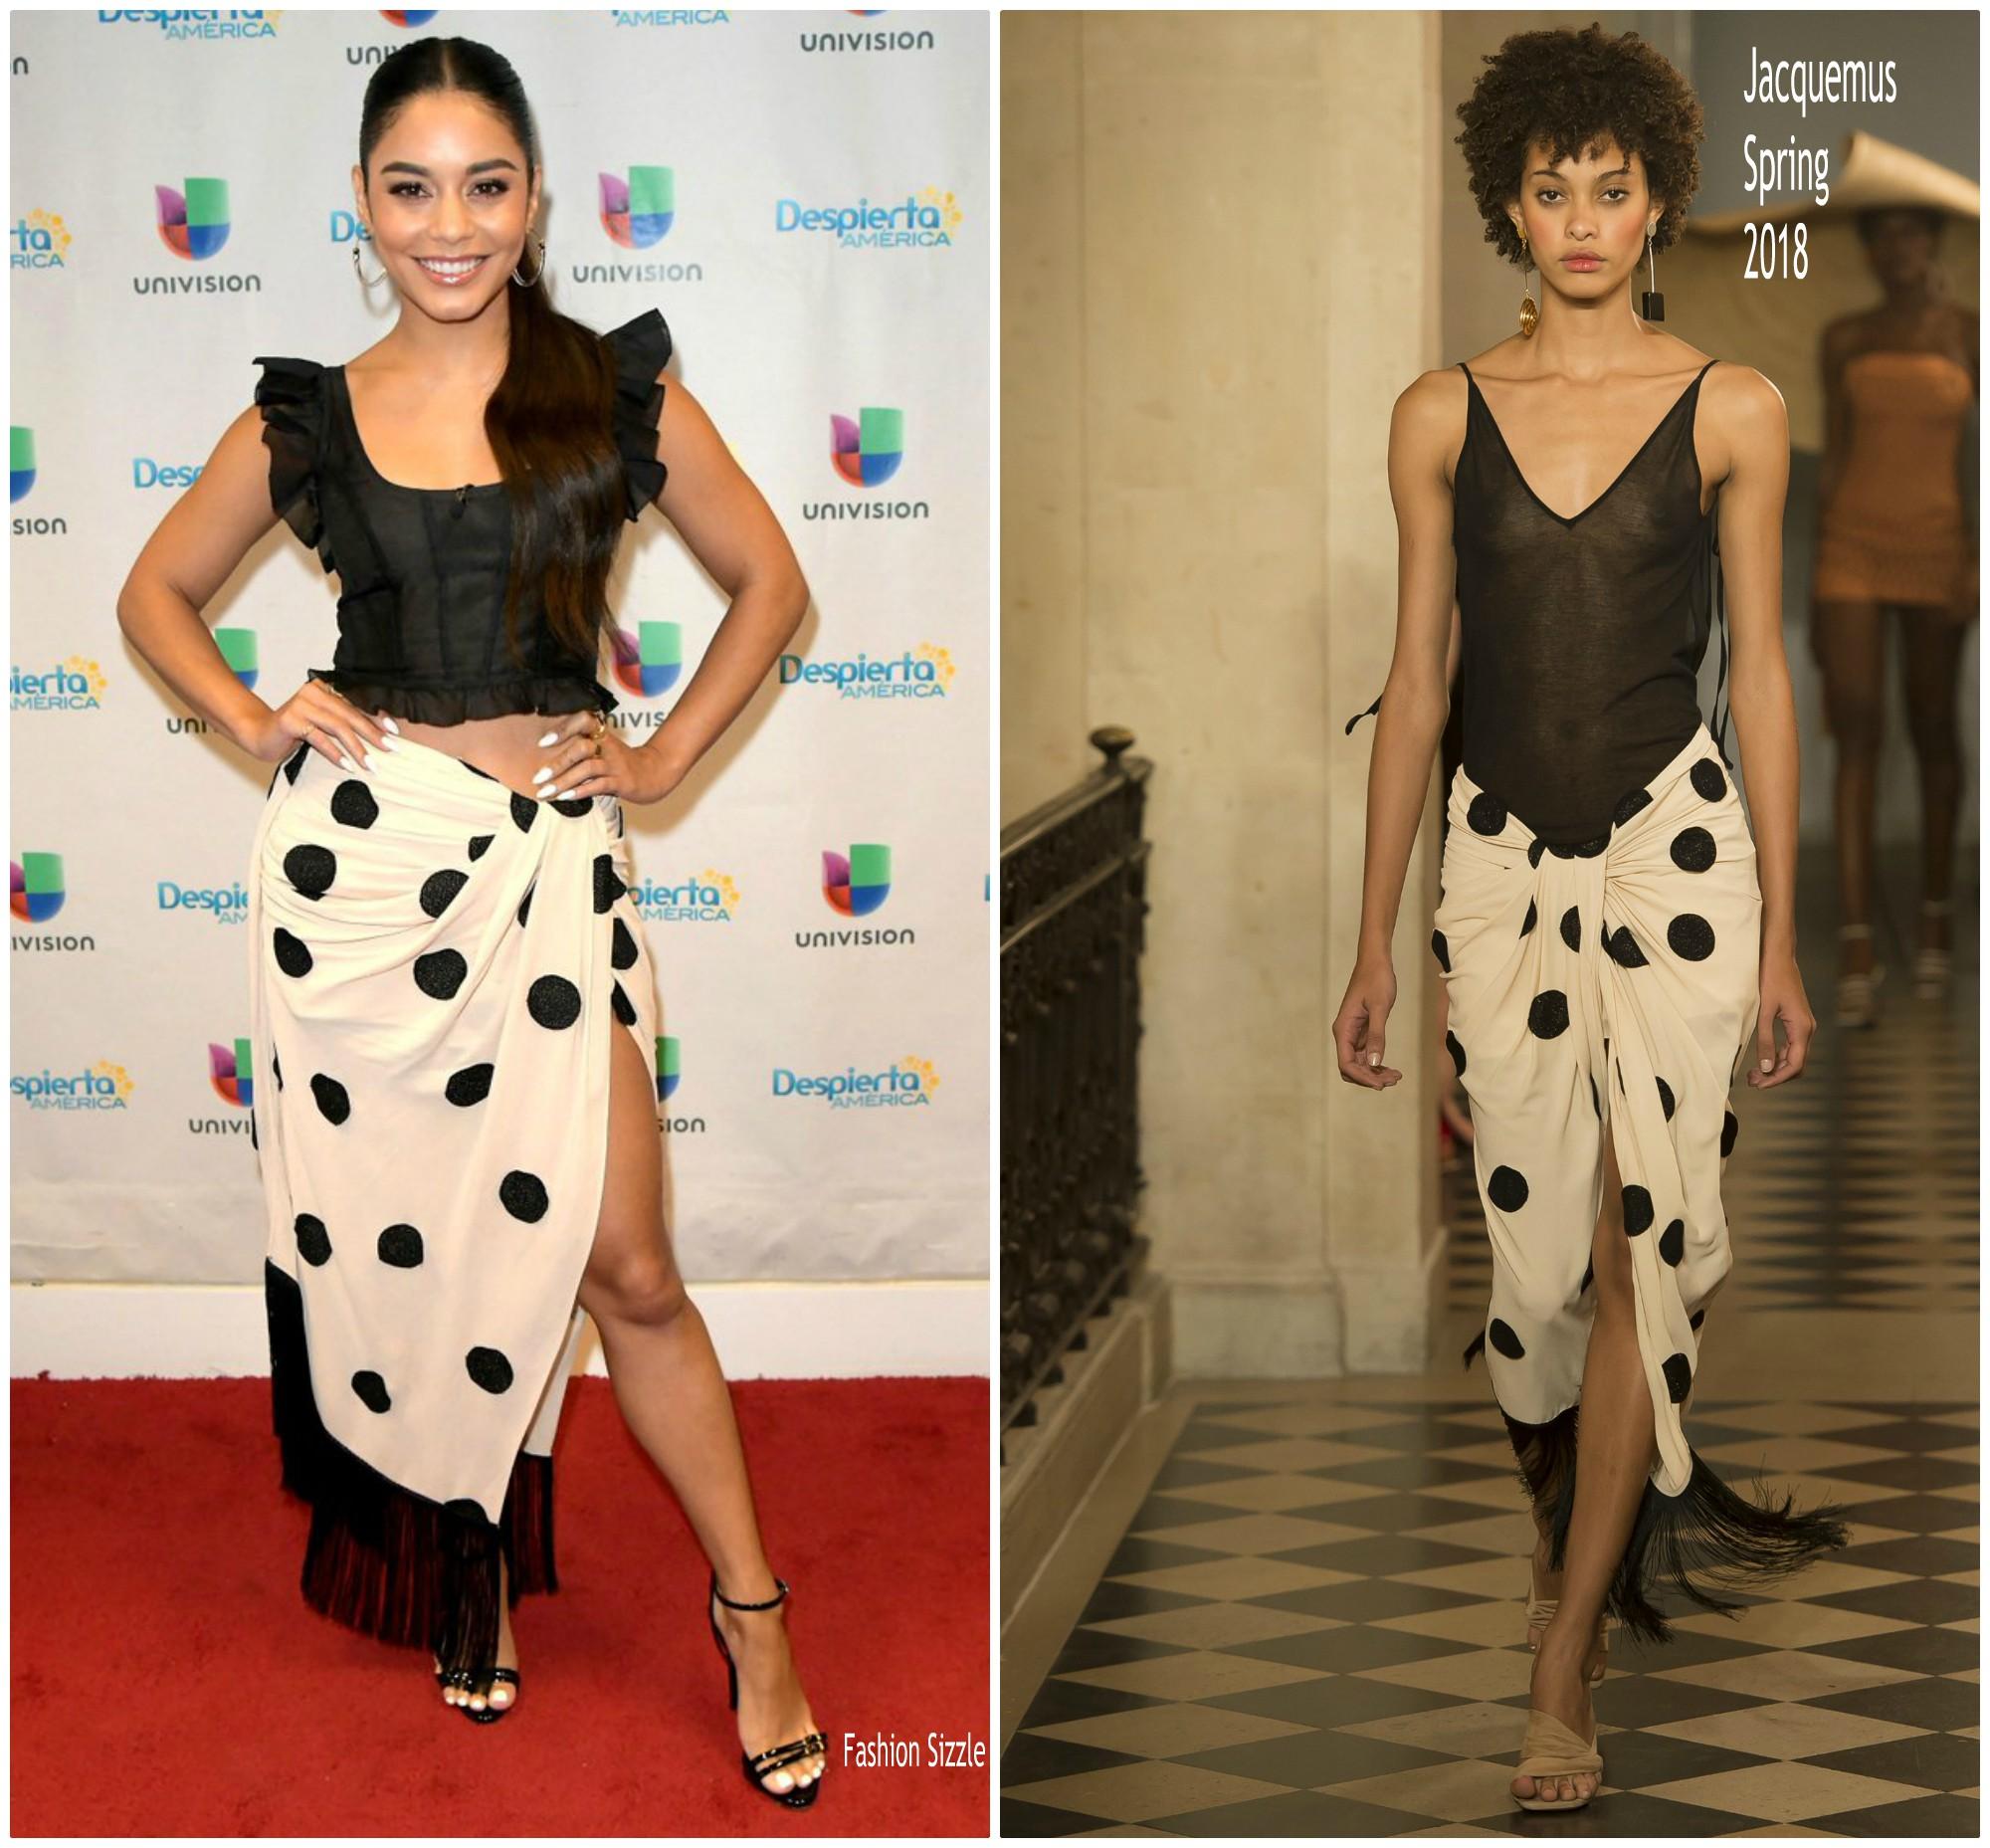 b35f9f9999f1 Vanessa Hudgens In Jacquemus   Despierta America - Fashionsizzle